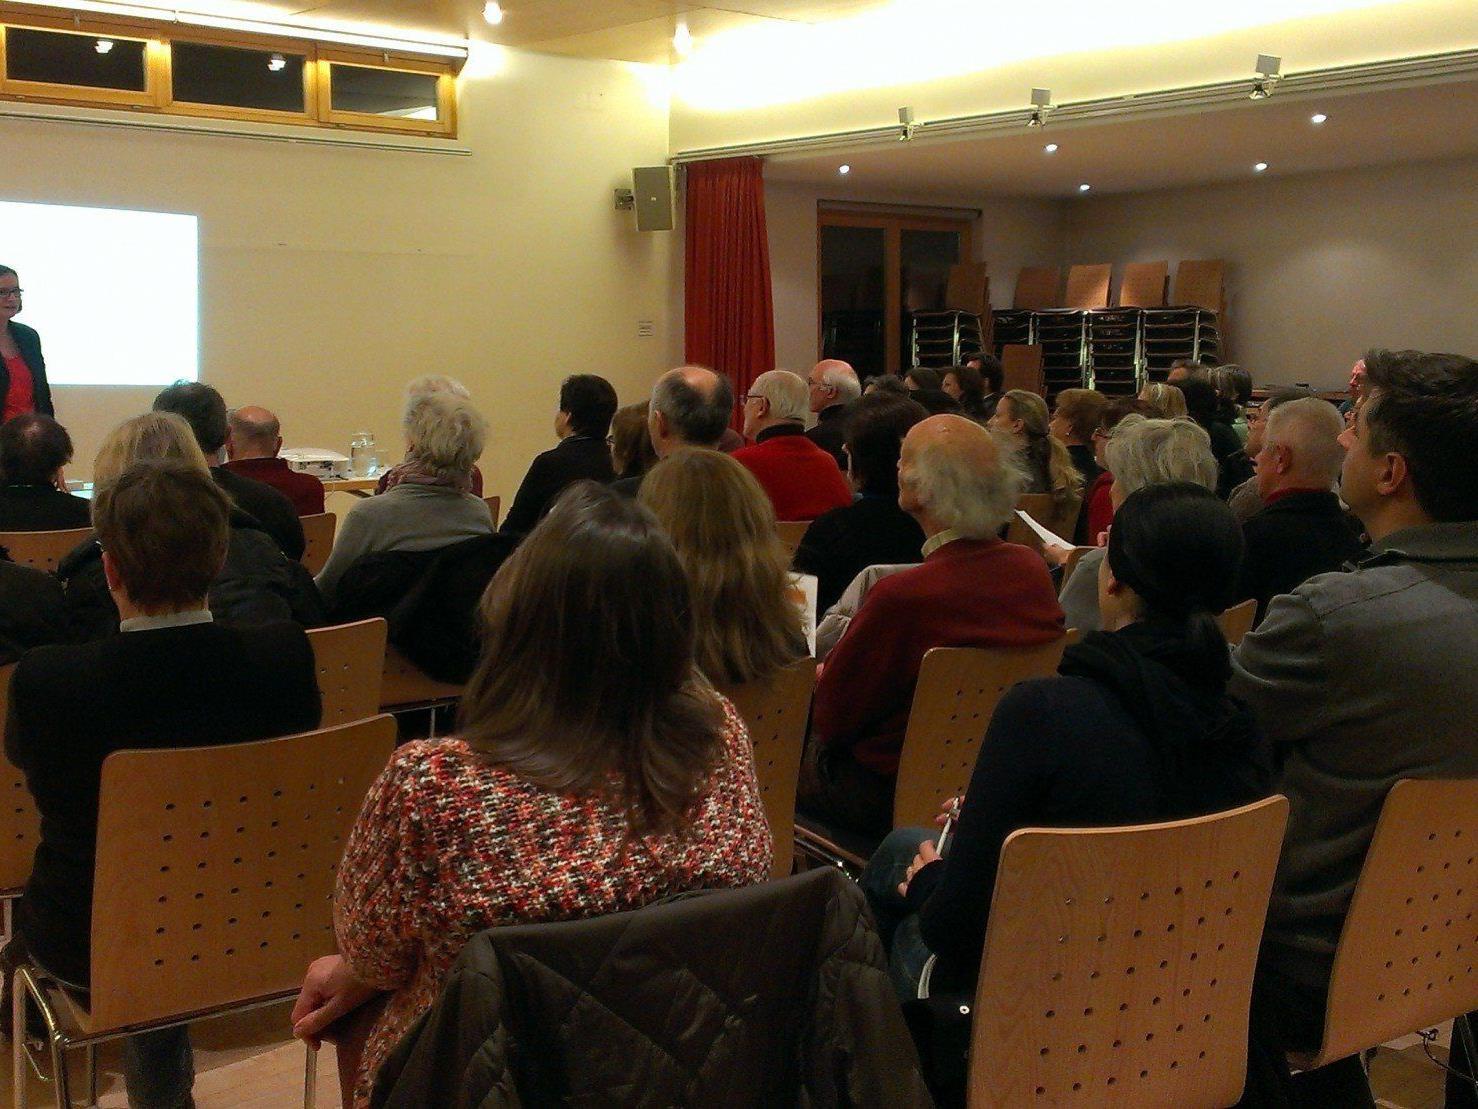 Aus dem ganzen Leiblachtal waren interessierte Besucher zum Vortrag mit Rechtsanwältin Dr. Anita Einsle ins Hörbranzer Pfarrheim gekommen.